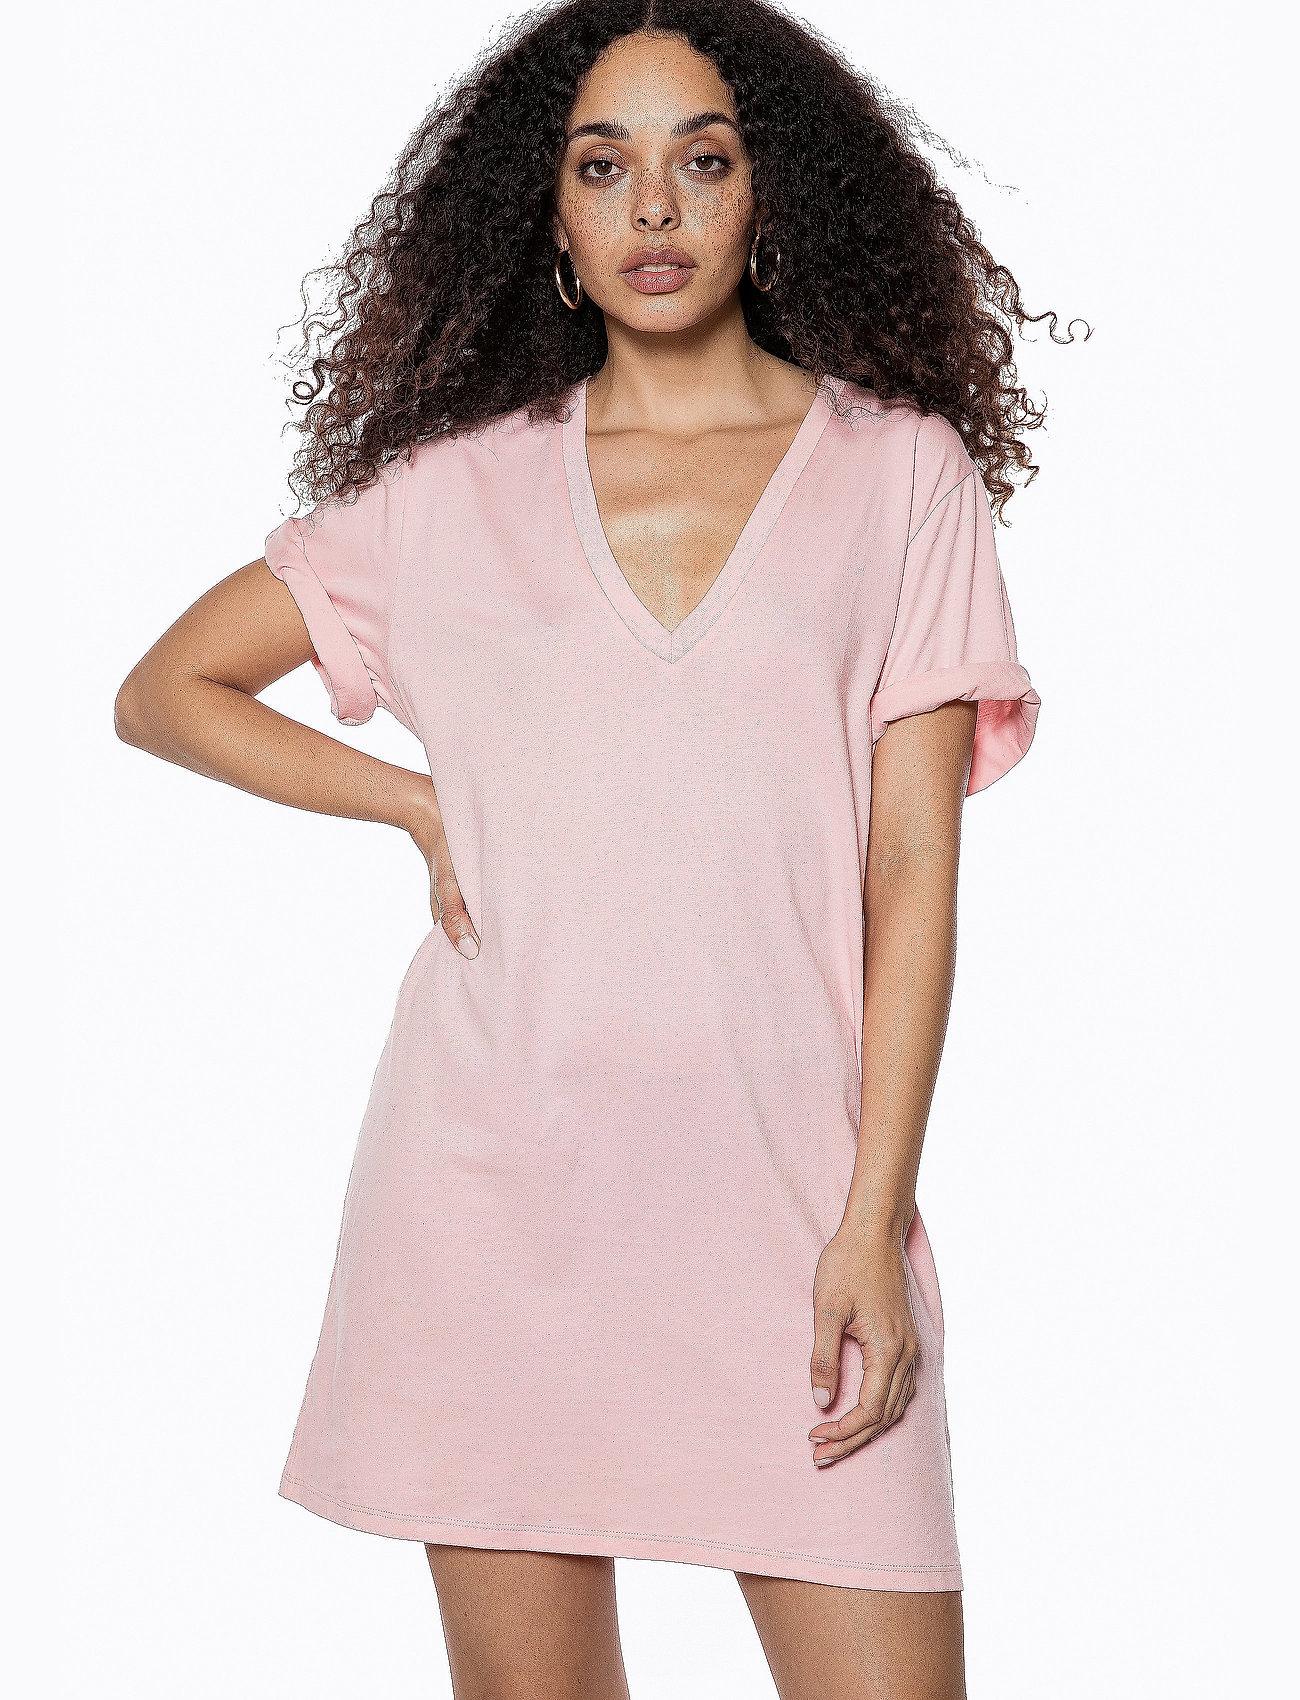 Tshirt PinkIvyrevel Dresslight Dresslight Ivy Ivy Tshirt Ivy PinkIvyrevel sdQhrt